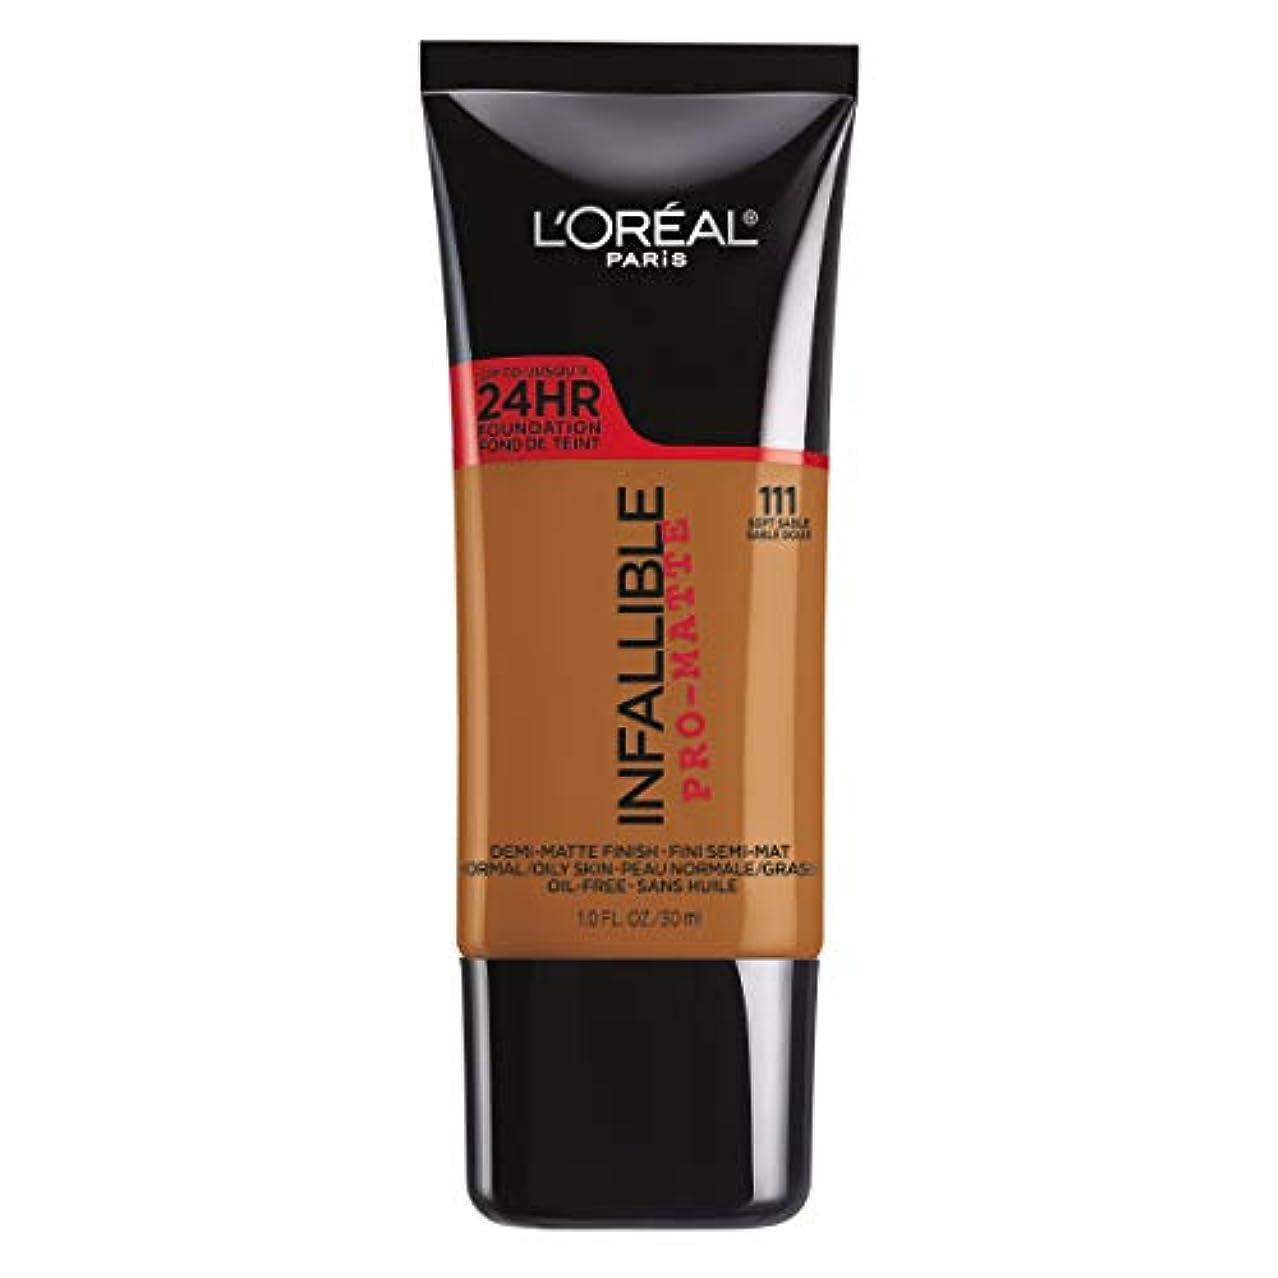 団結する雑多な勇気L'Oreal Paris Infallible Pro-Matte Foundation Makeup, 111 Soft Sable, 1 fl. oz[並行輸入品]